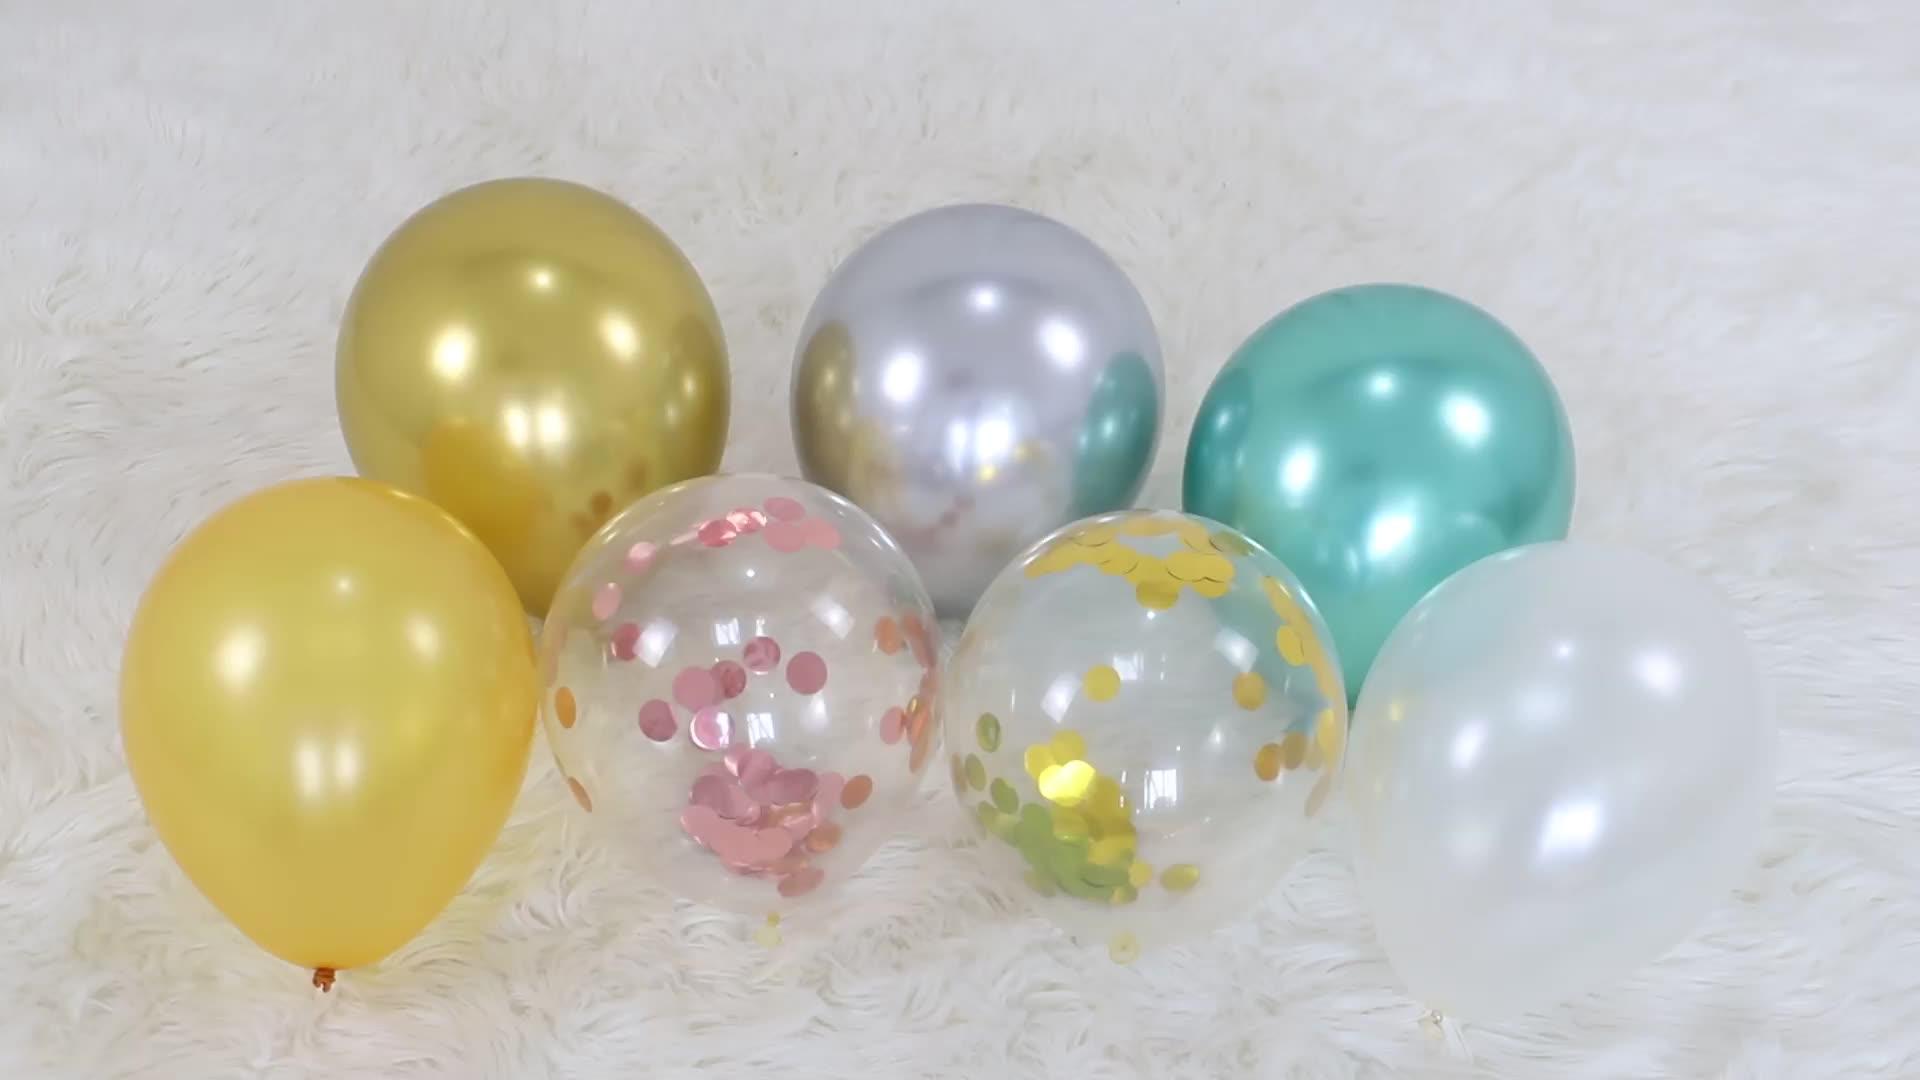 It is your Party — ballons en Latex, 16 ou 14 pièces, décorations de fête d'anniversaire, à Air, gonflables, pour fête, en forme d'étoile